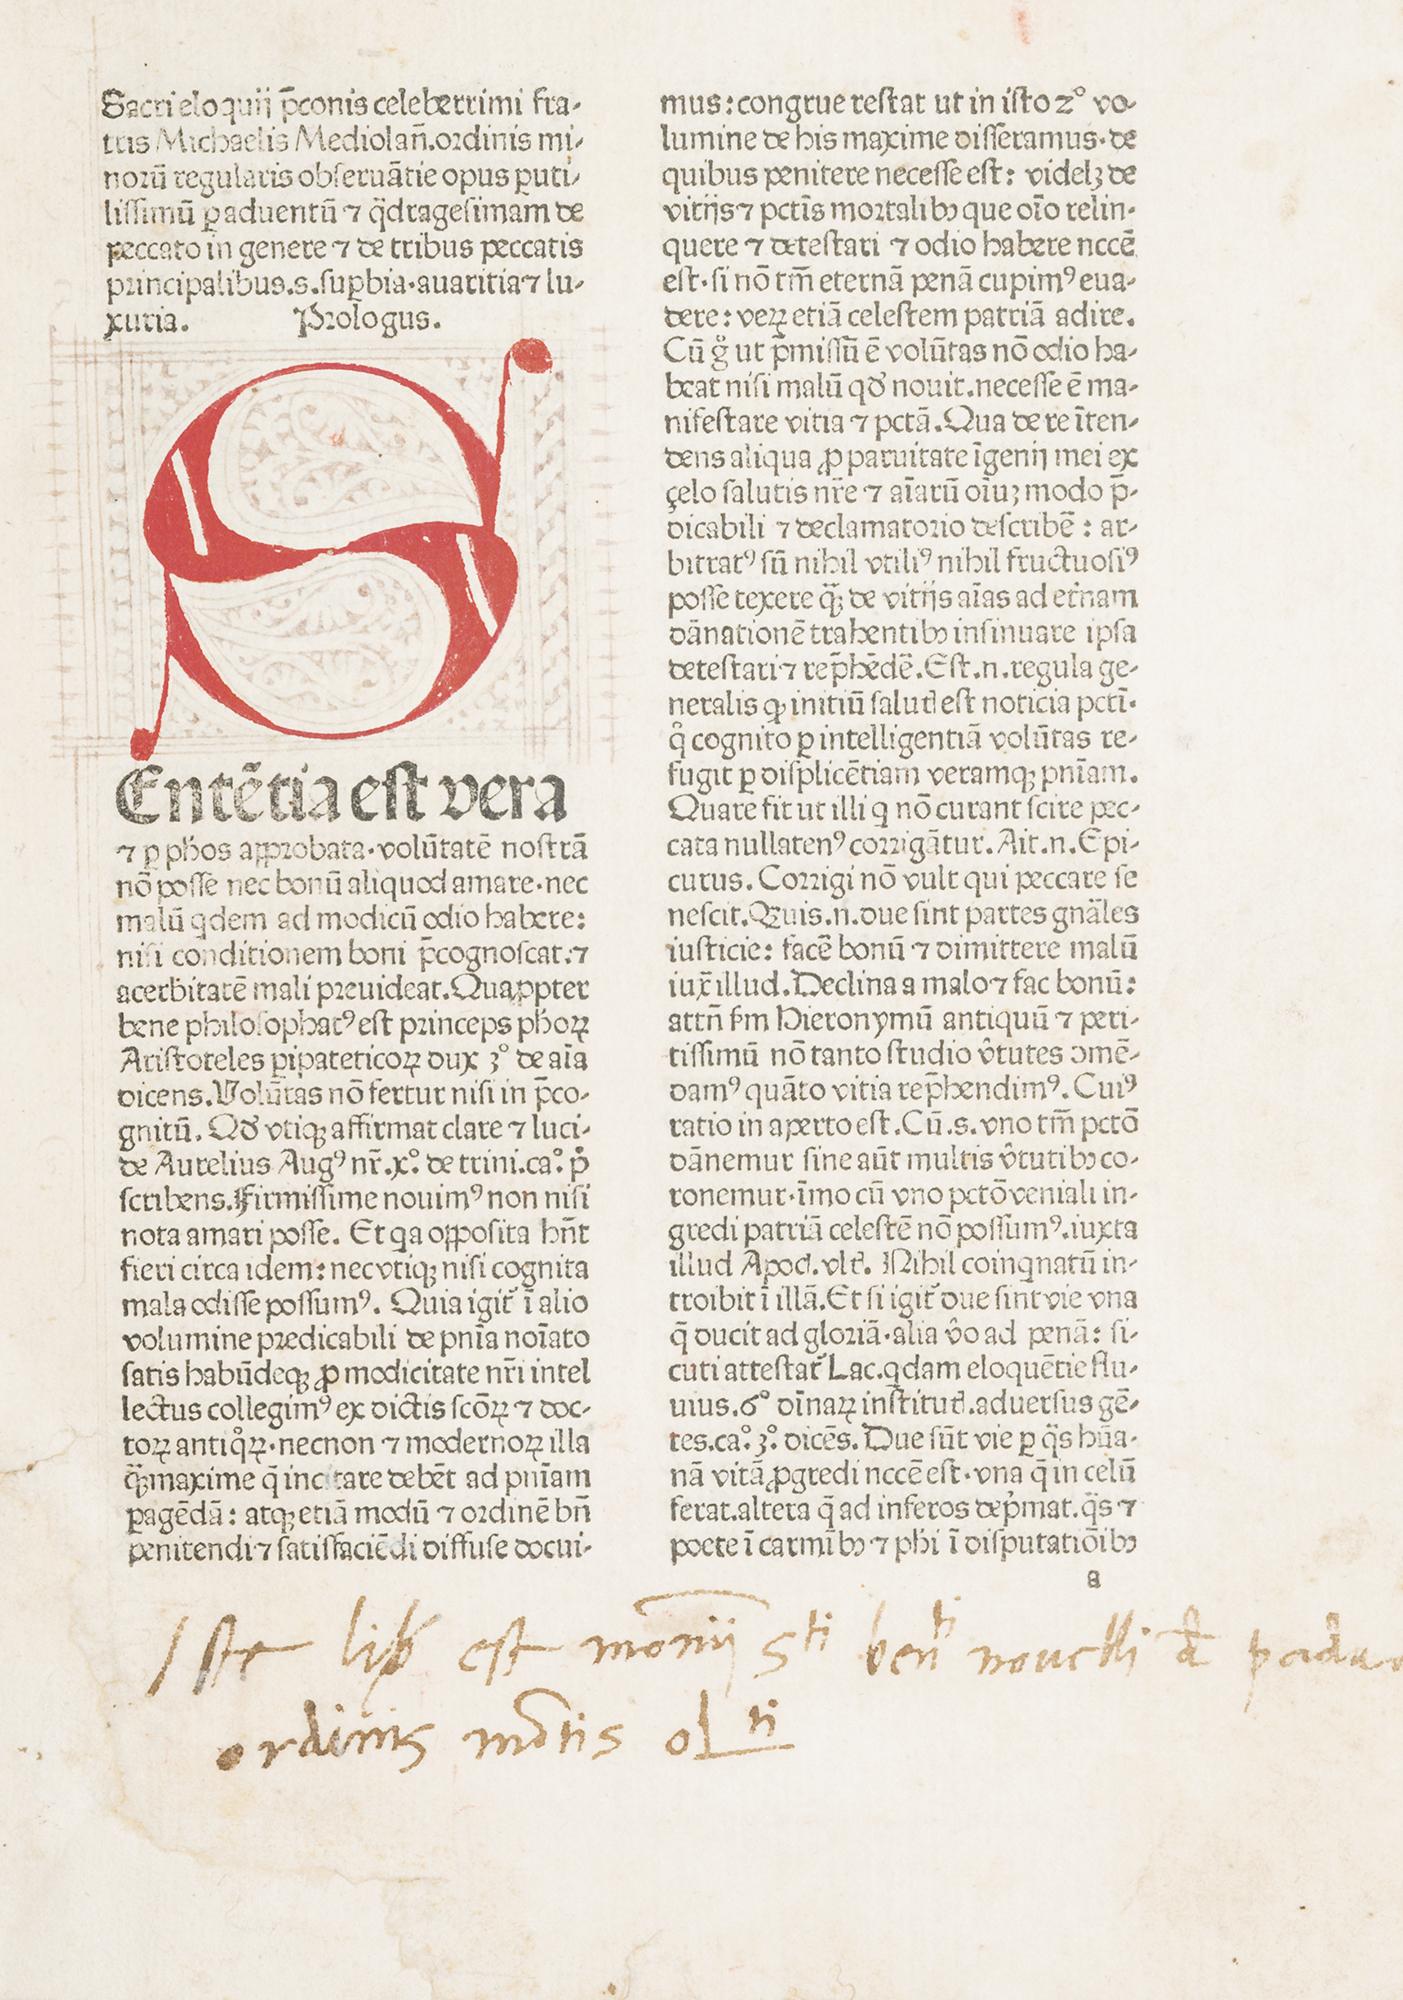 Sermonarium de peccatis per adventum et per duas quadragesimas